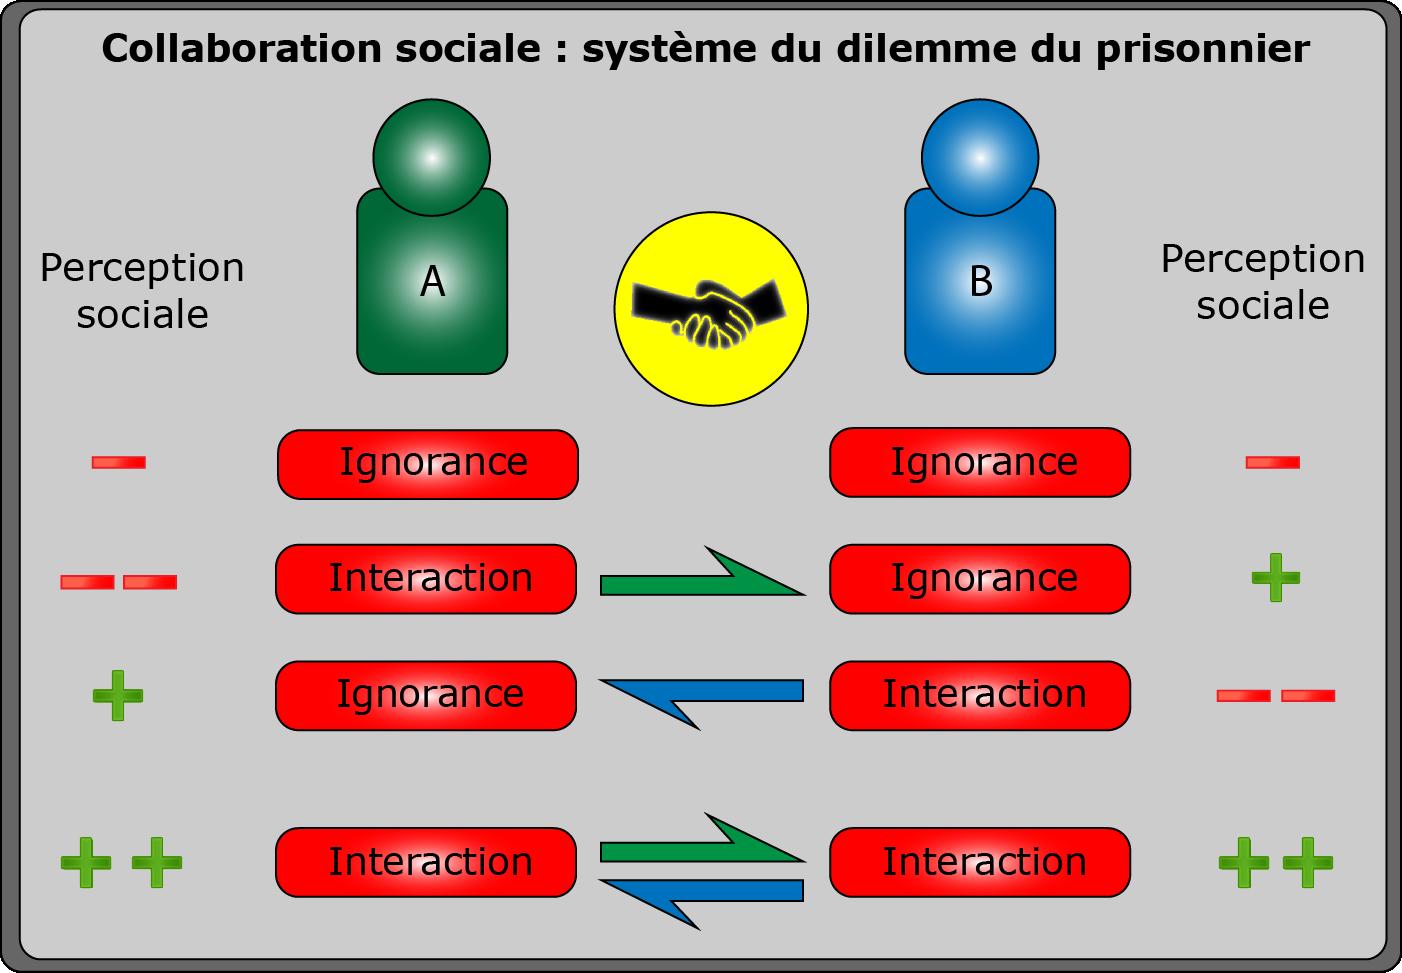 Schéma descriptif des interactions collaborative sur Twitter